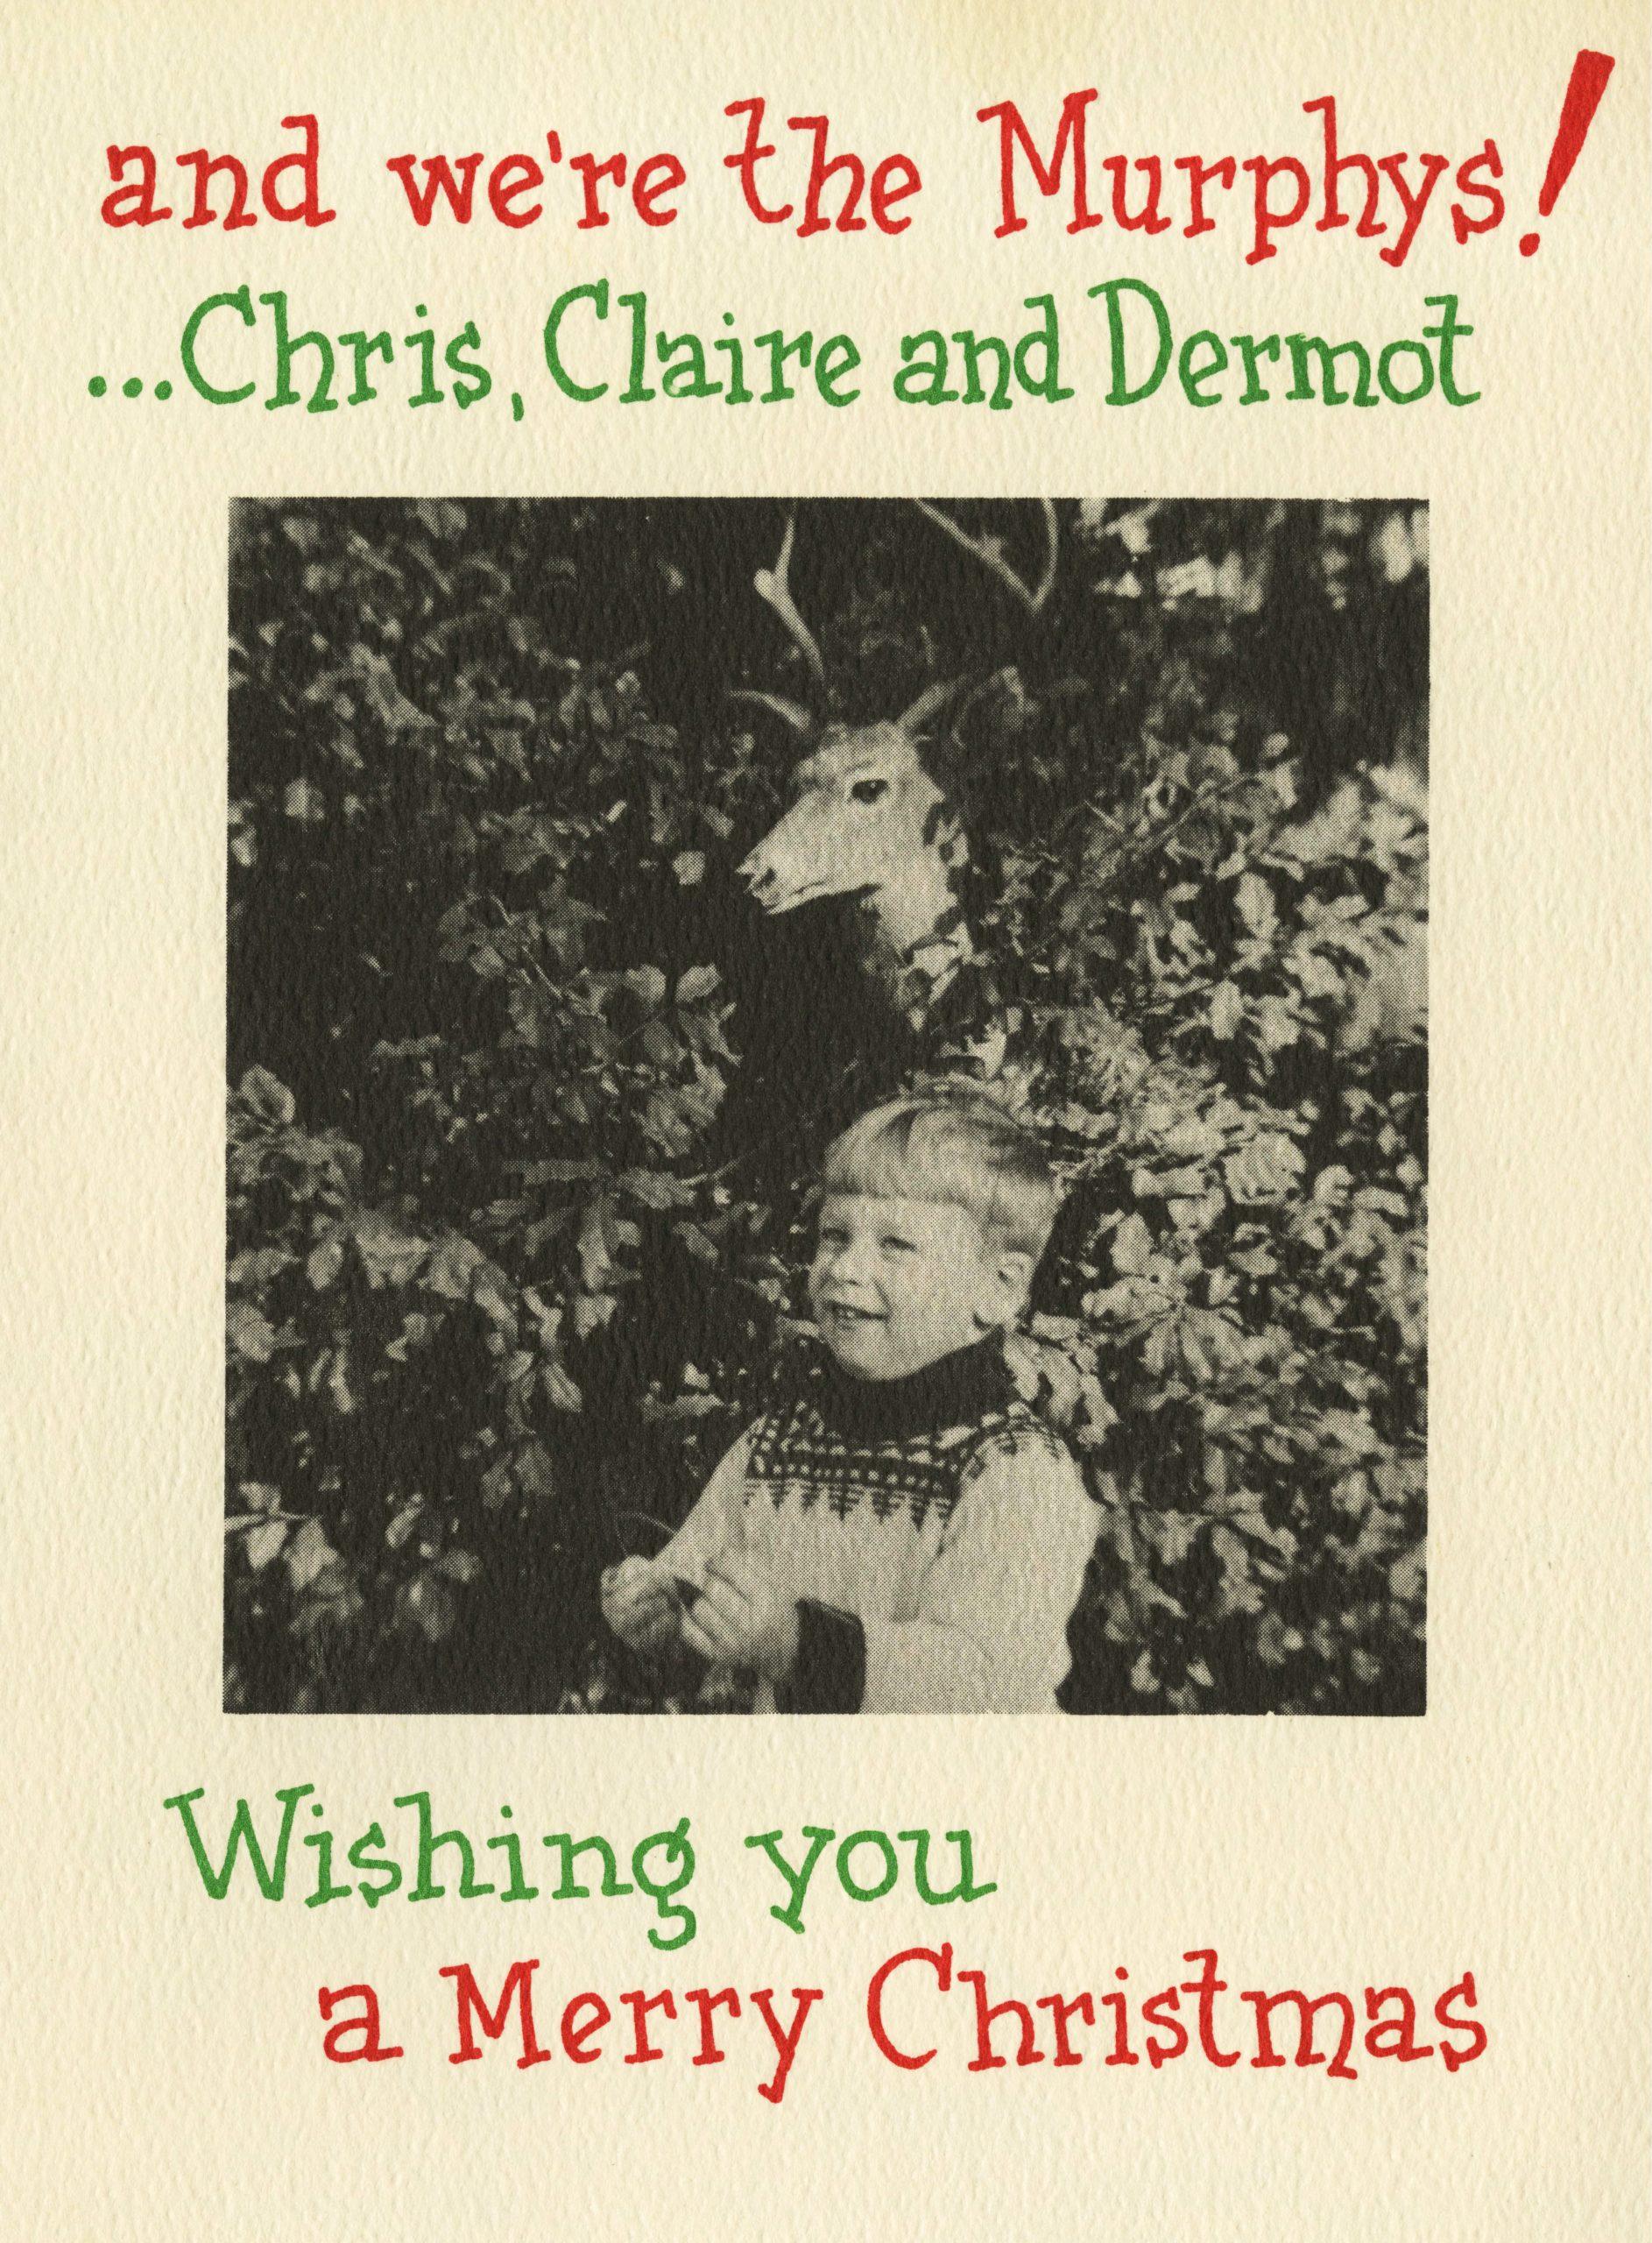 A Very Dermot Christmas, 1959